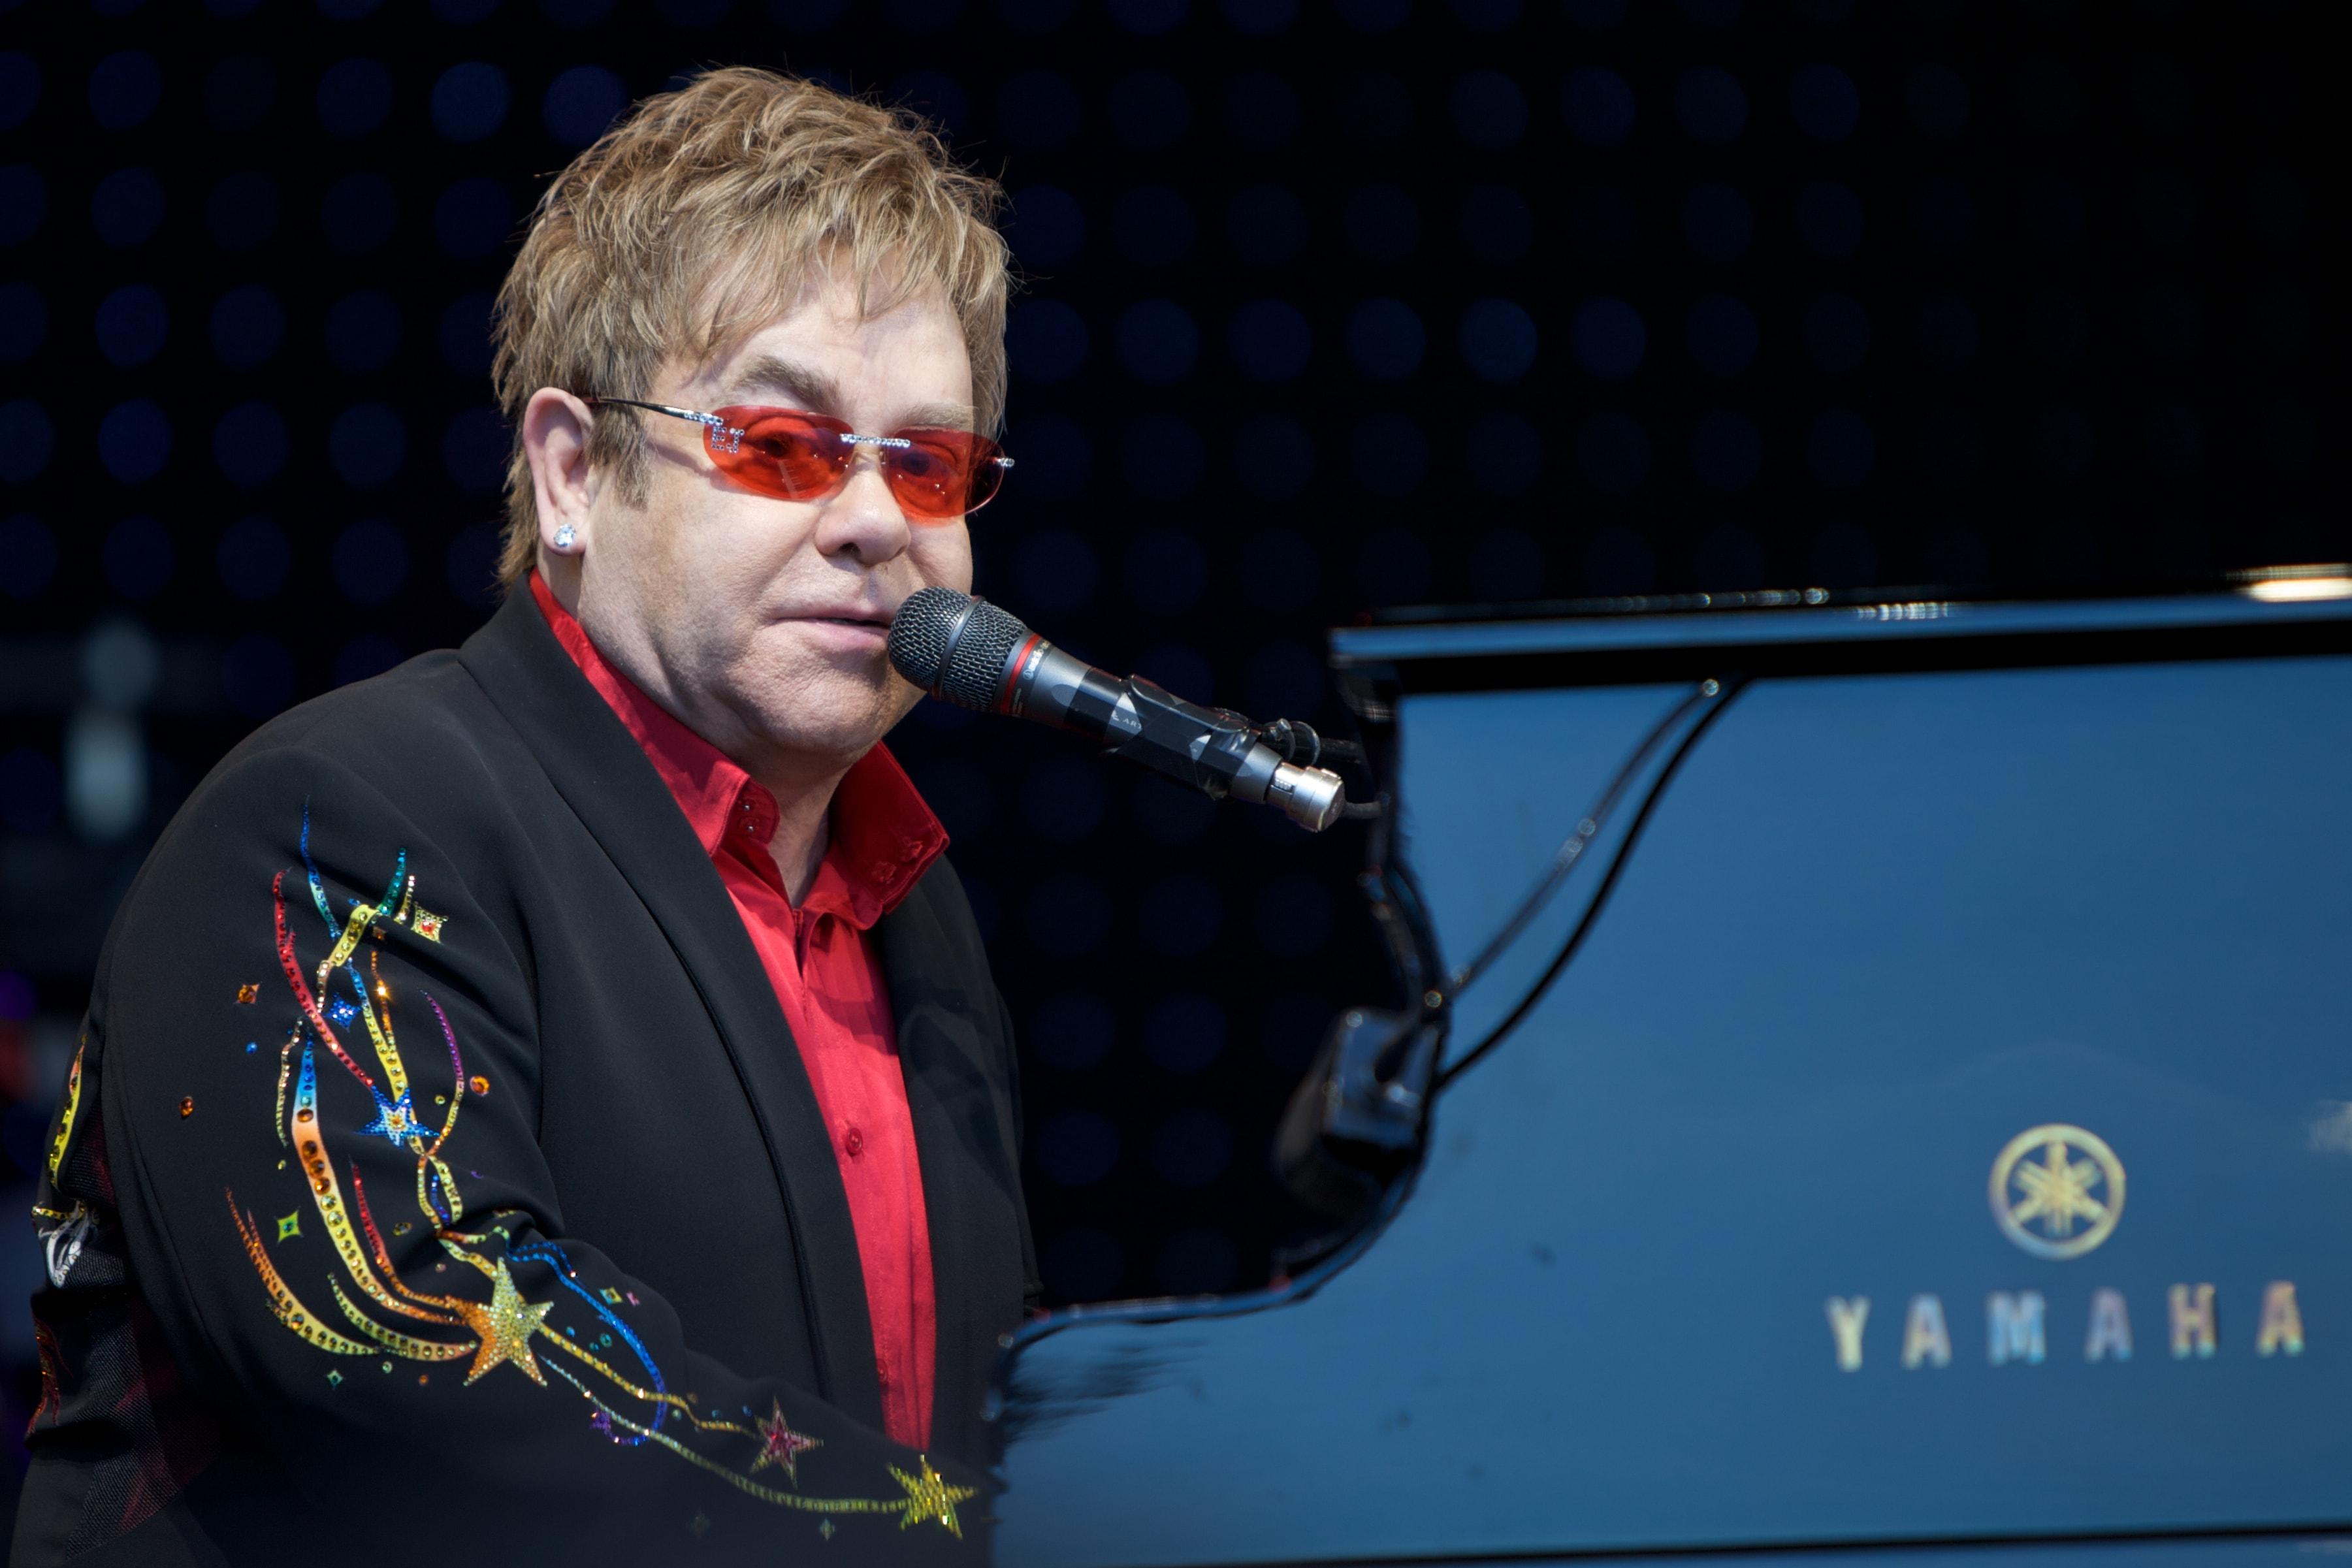 Elton John Wallpaper 5   3601 X 2401 stmednet 3601x2401